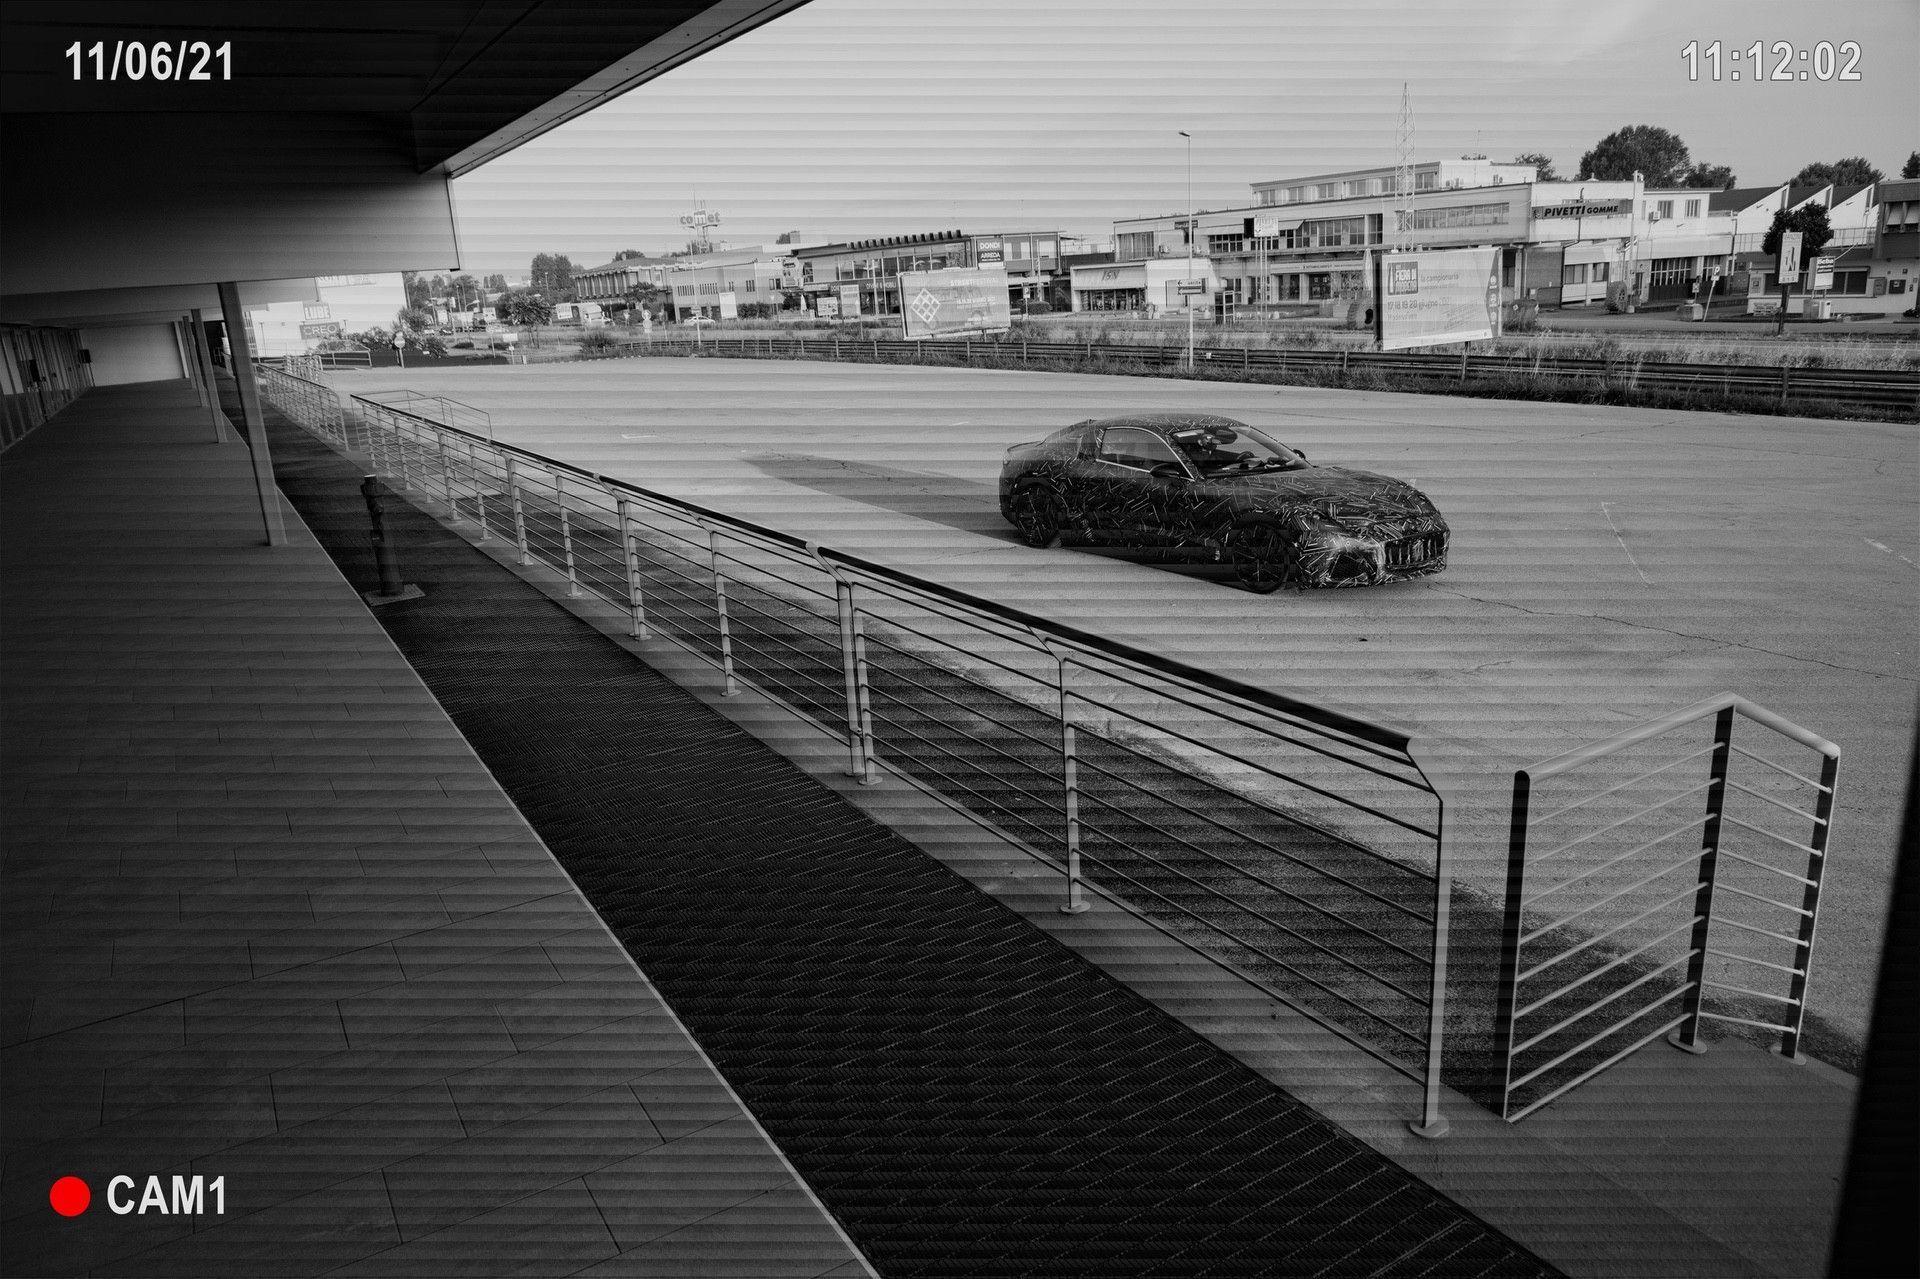 Maserati_GranTurismo_prototype-0000